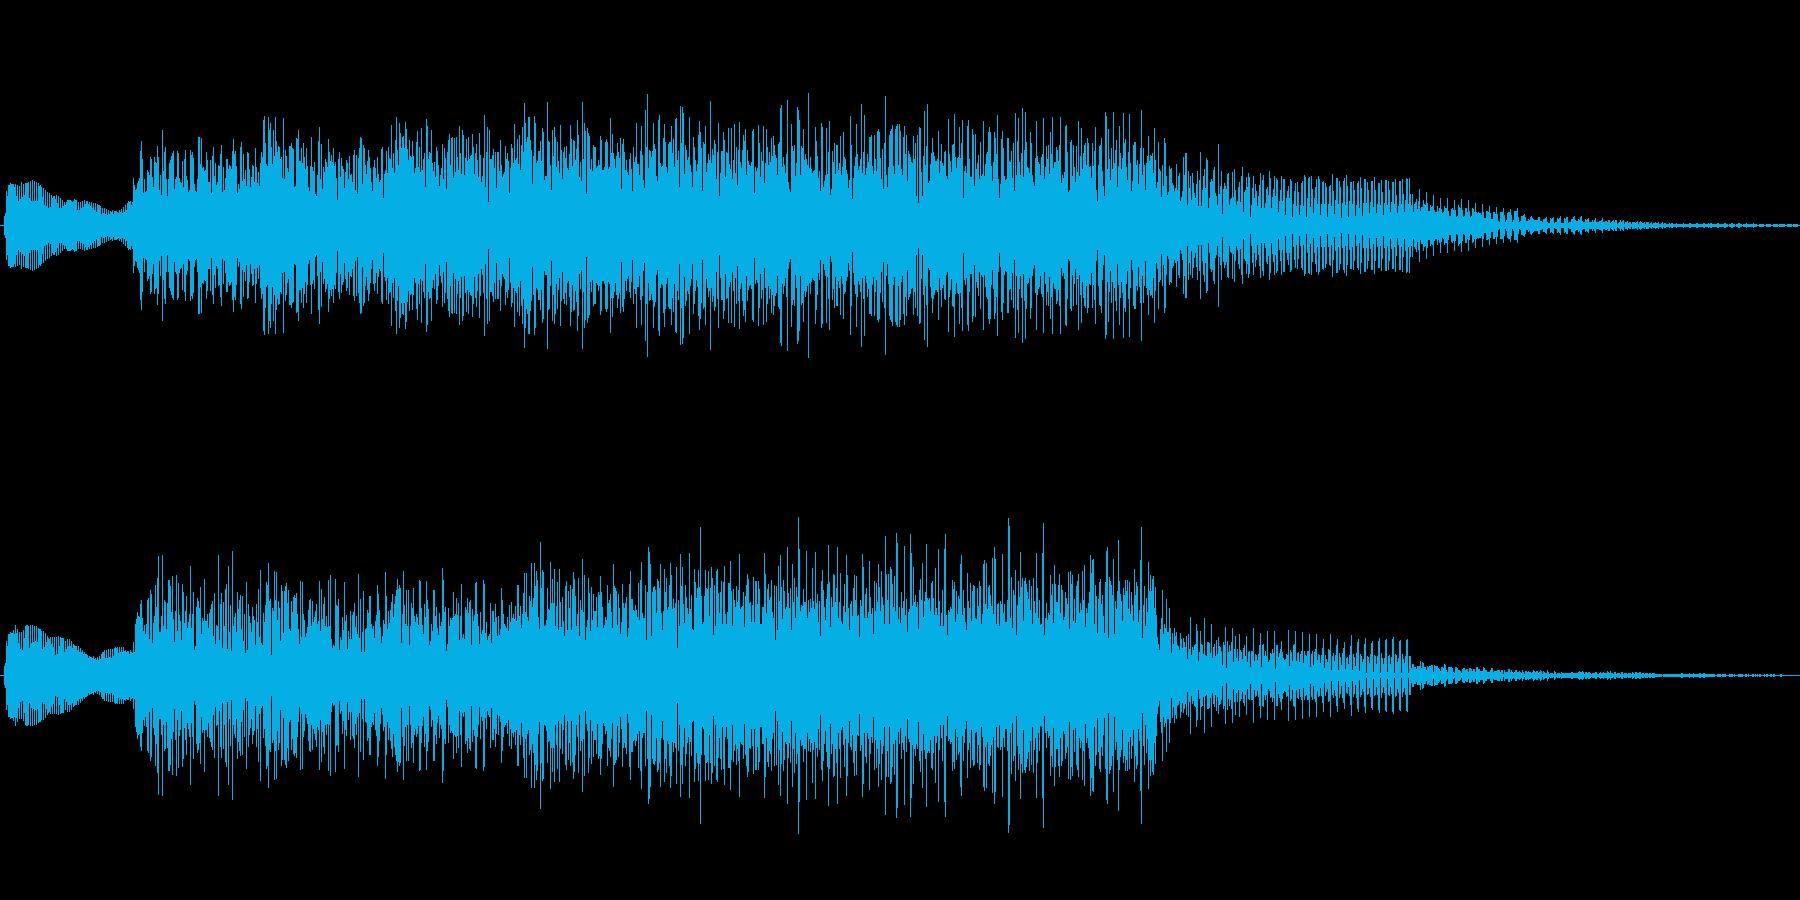 ジングル101gの再生済みの波形